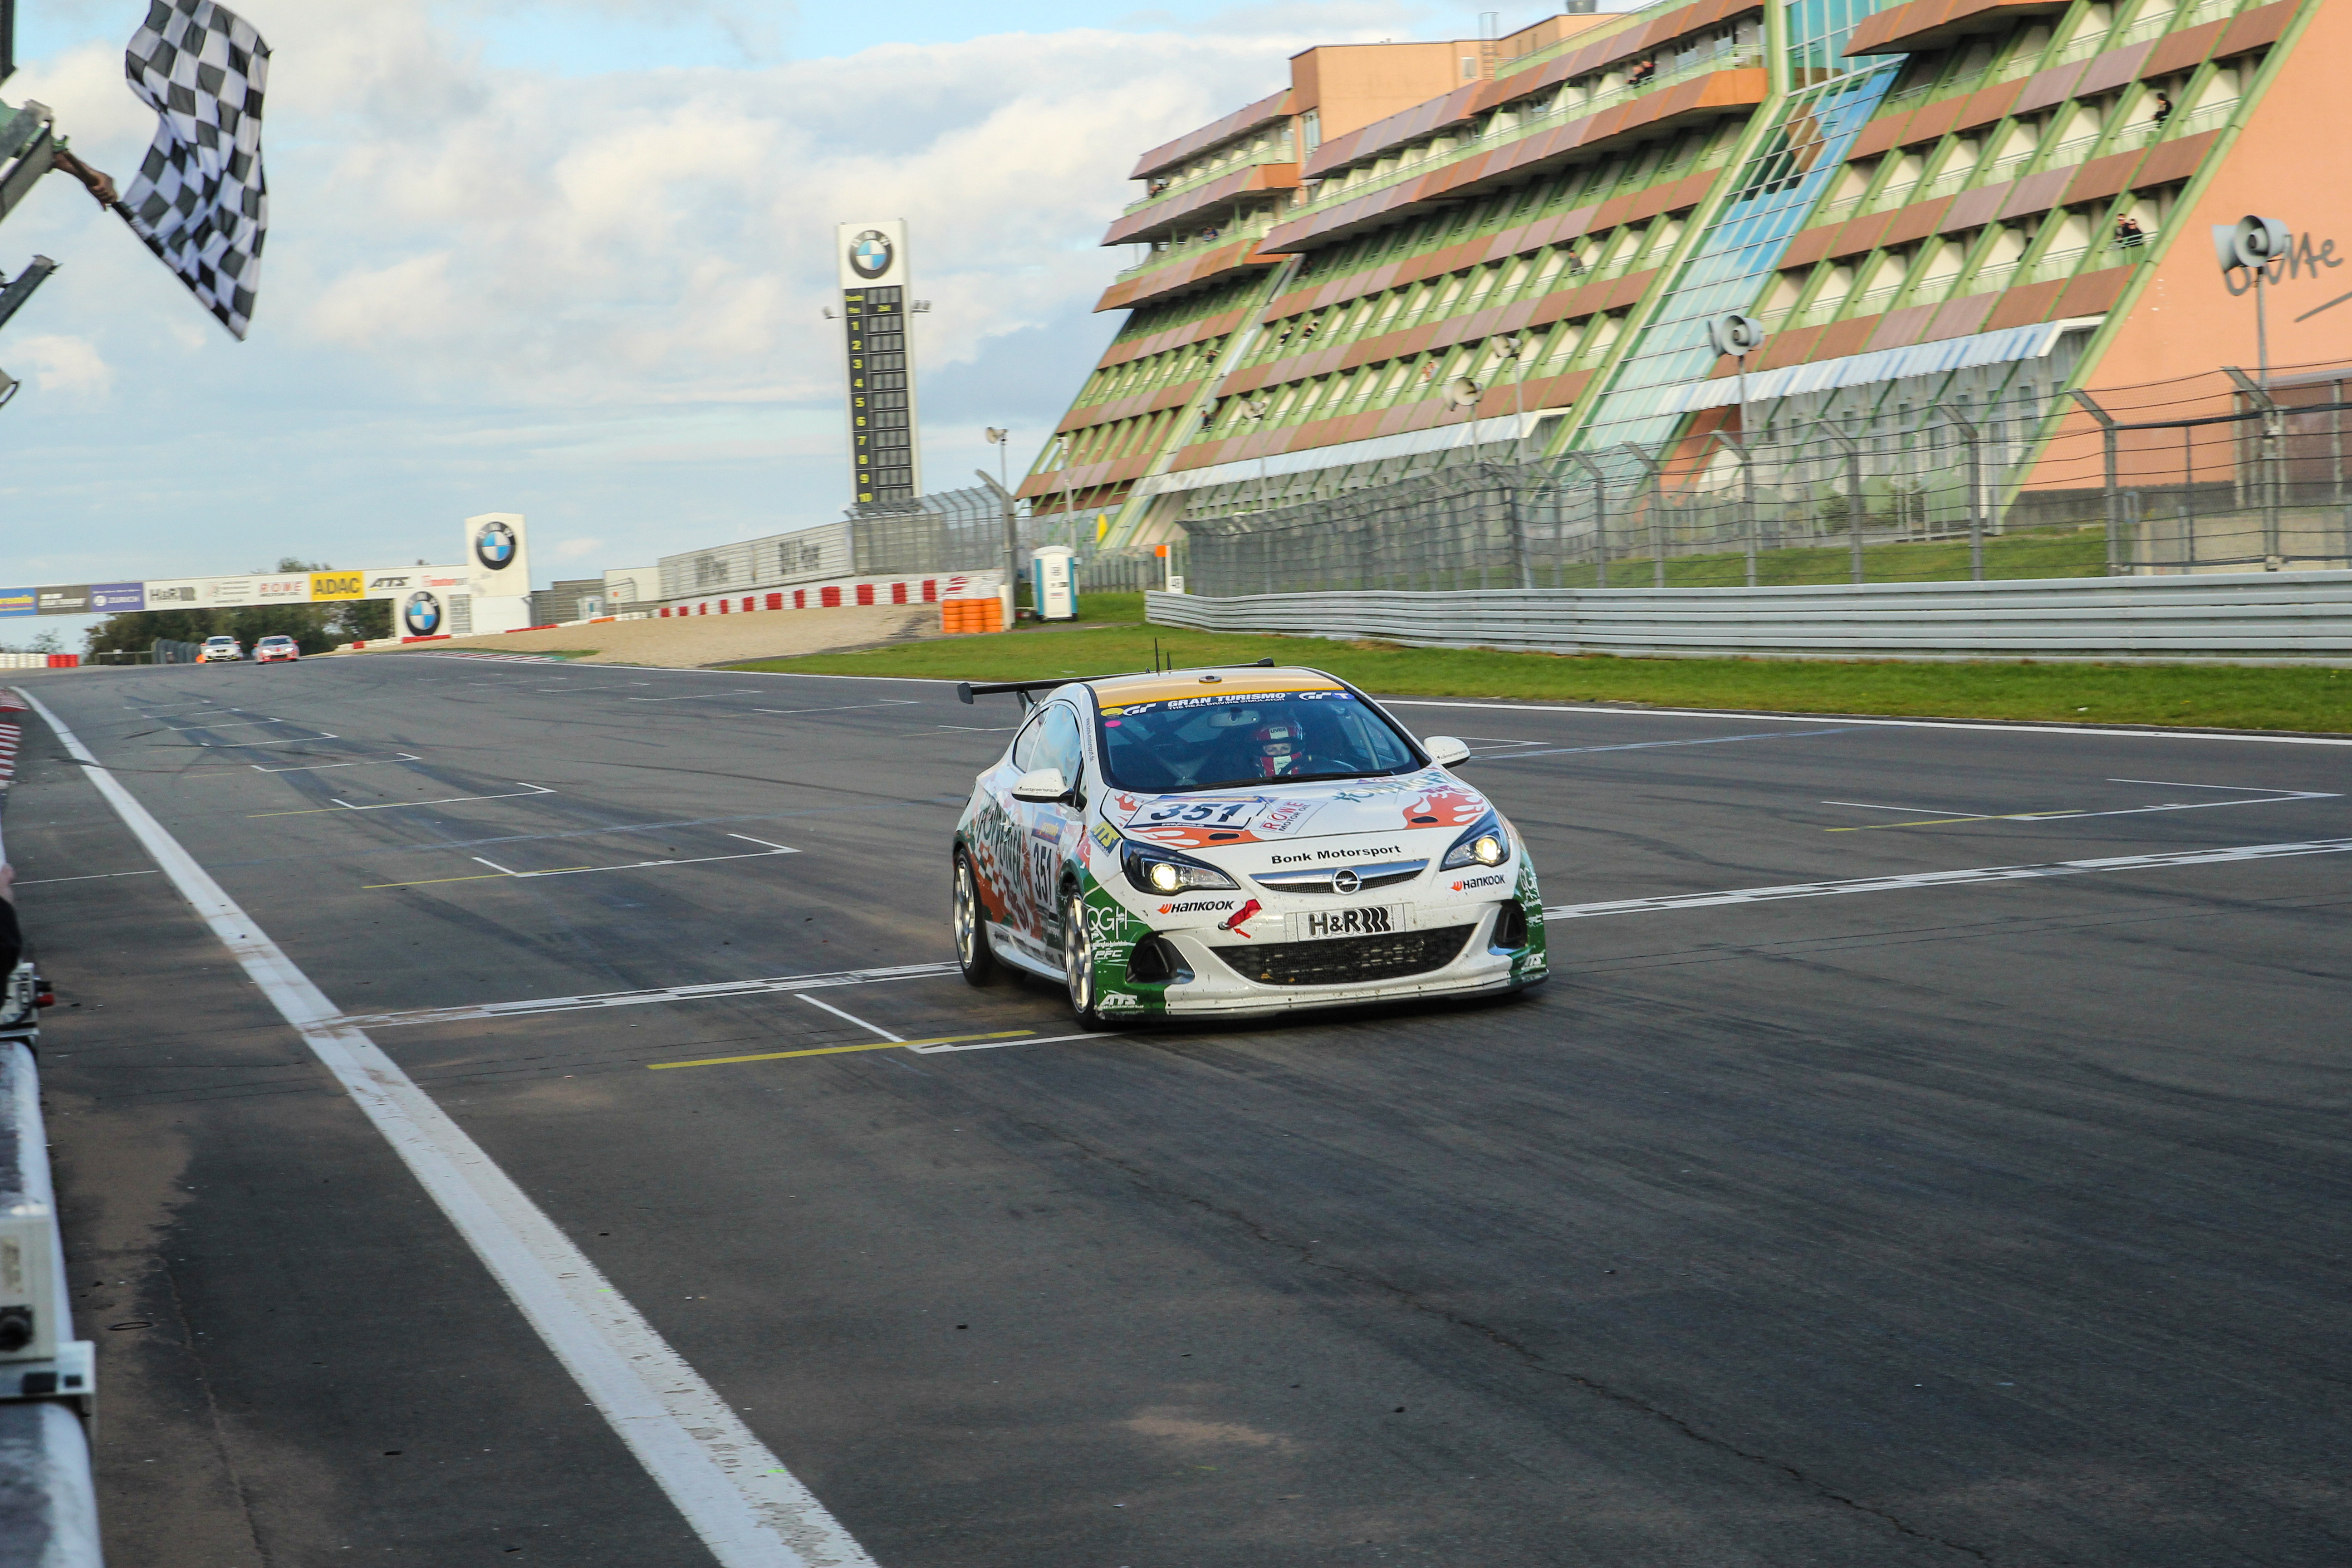 2. Platz im Audi TT RS und Platz 4 im Opel Astra Cup